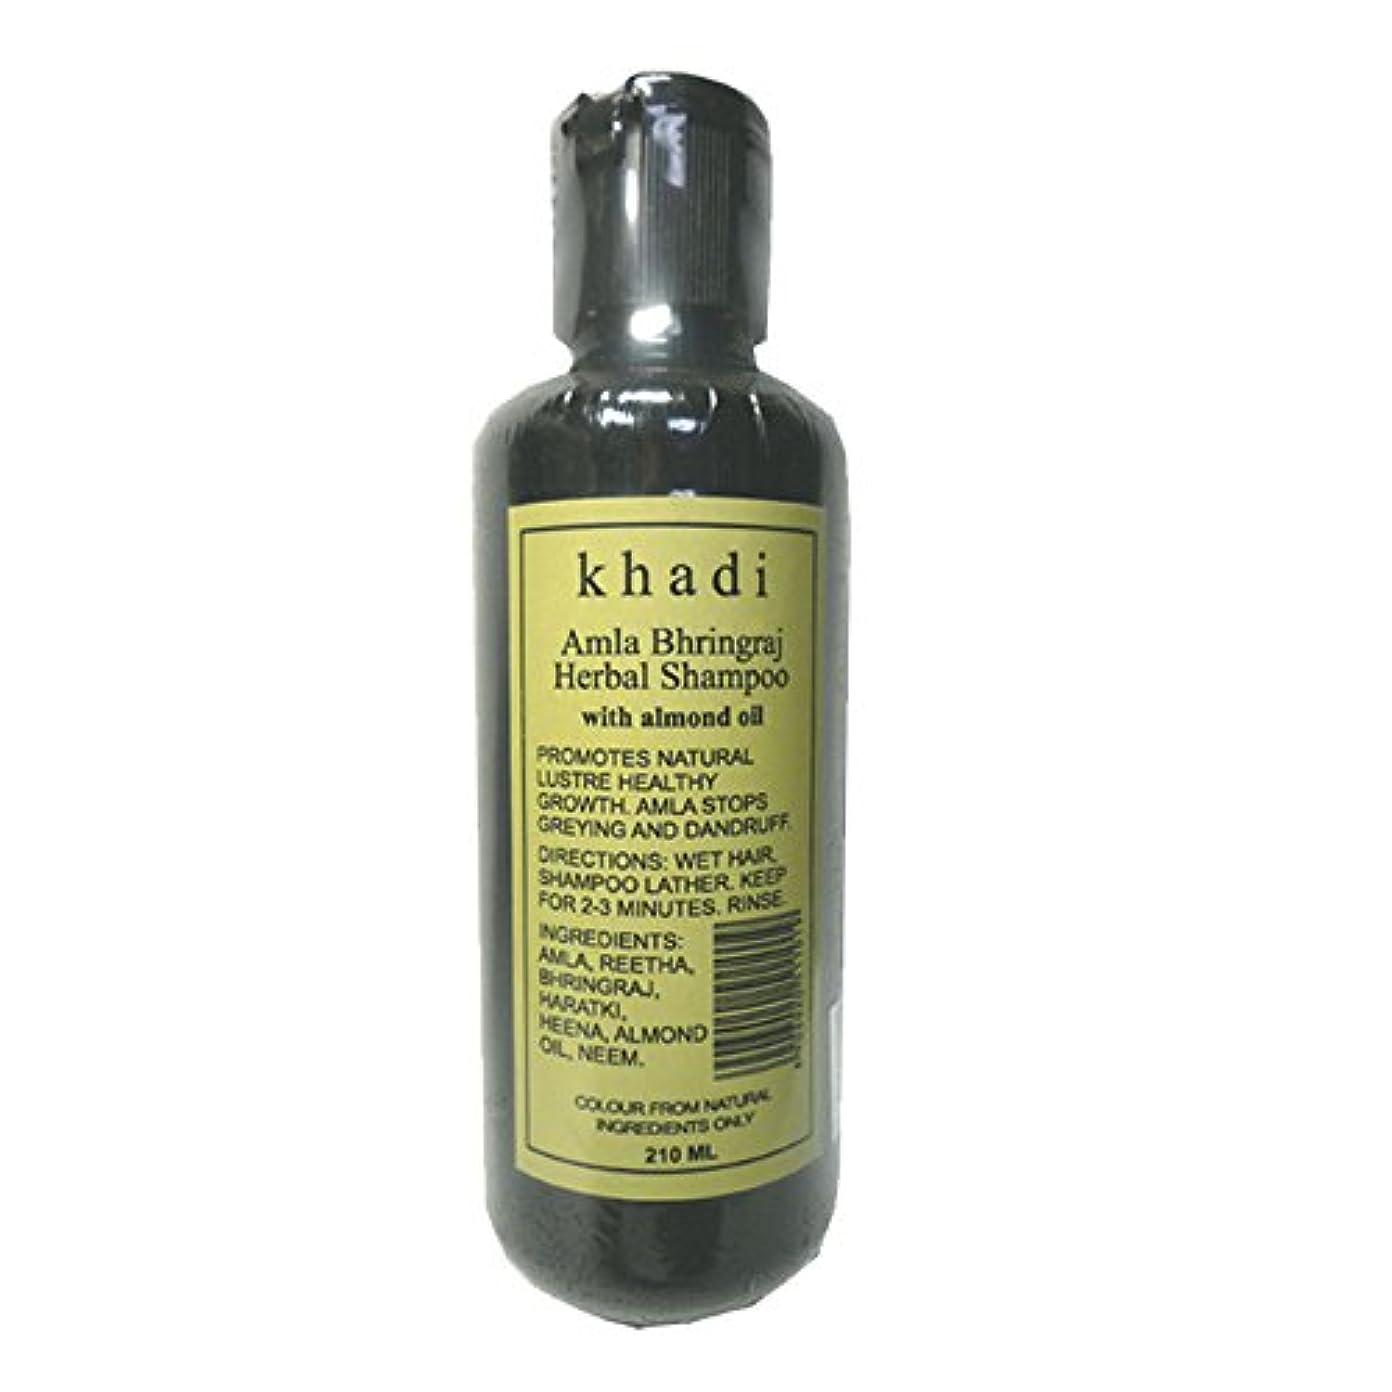 機関車感謝するアナログ手作り  カーディ アムラ リーサ ハーバルシャンプー KHADI Amla Rertha  Herbal Shampoo(Amla Bhringraj Herbal Shampoo)